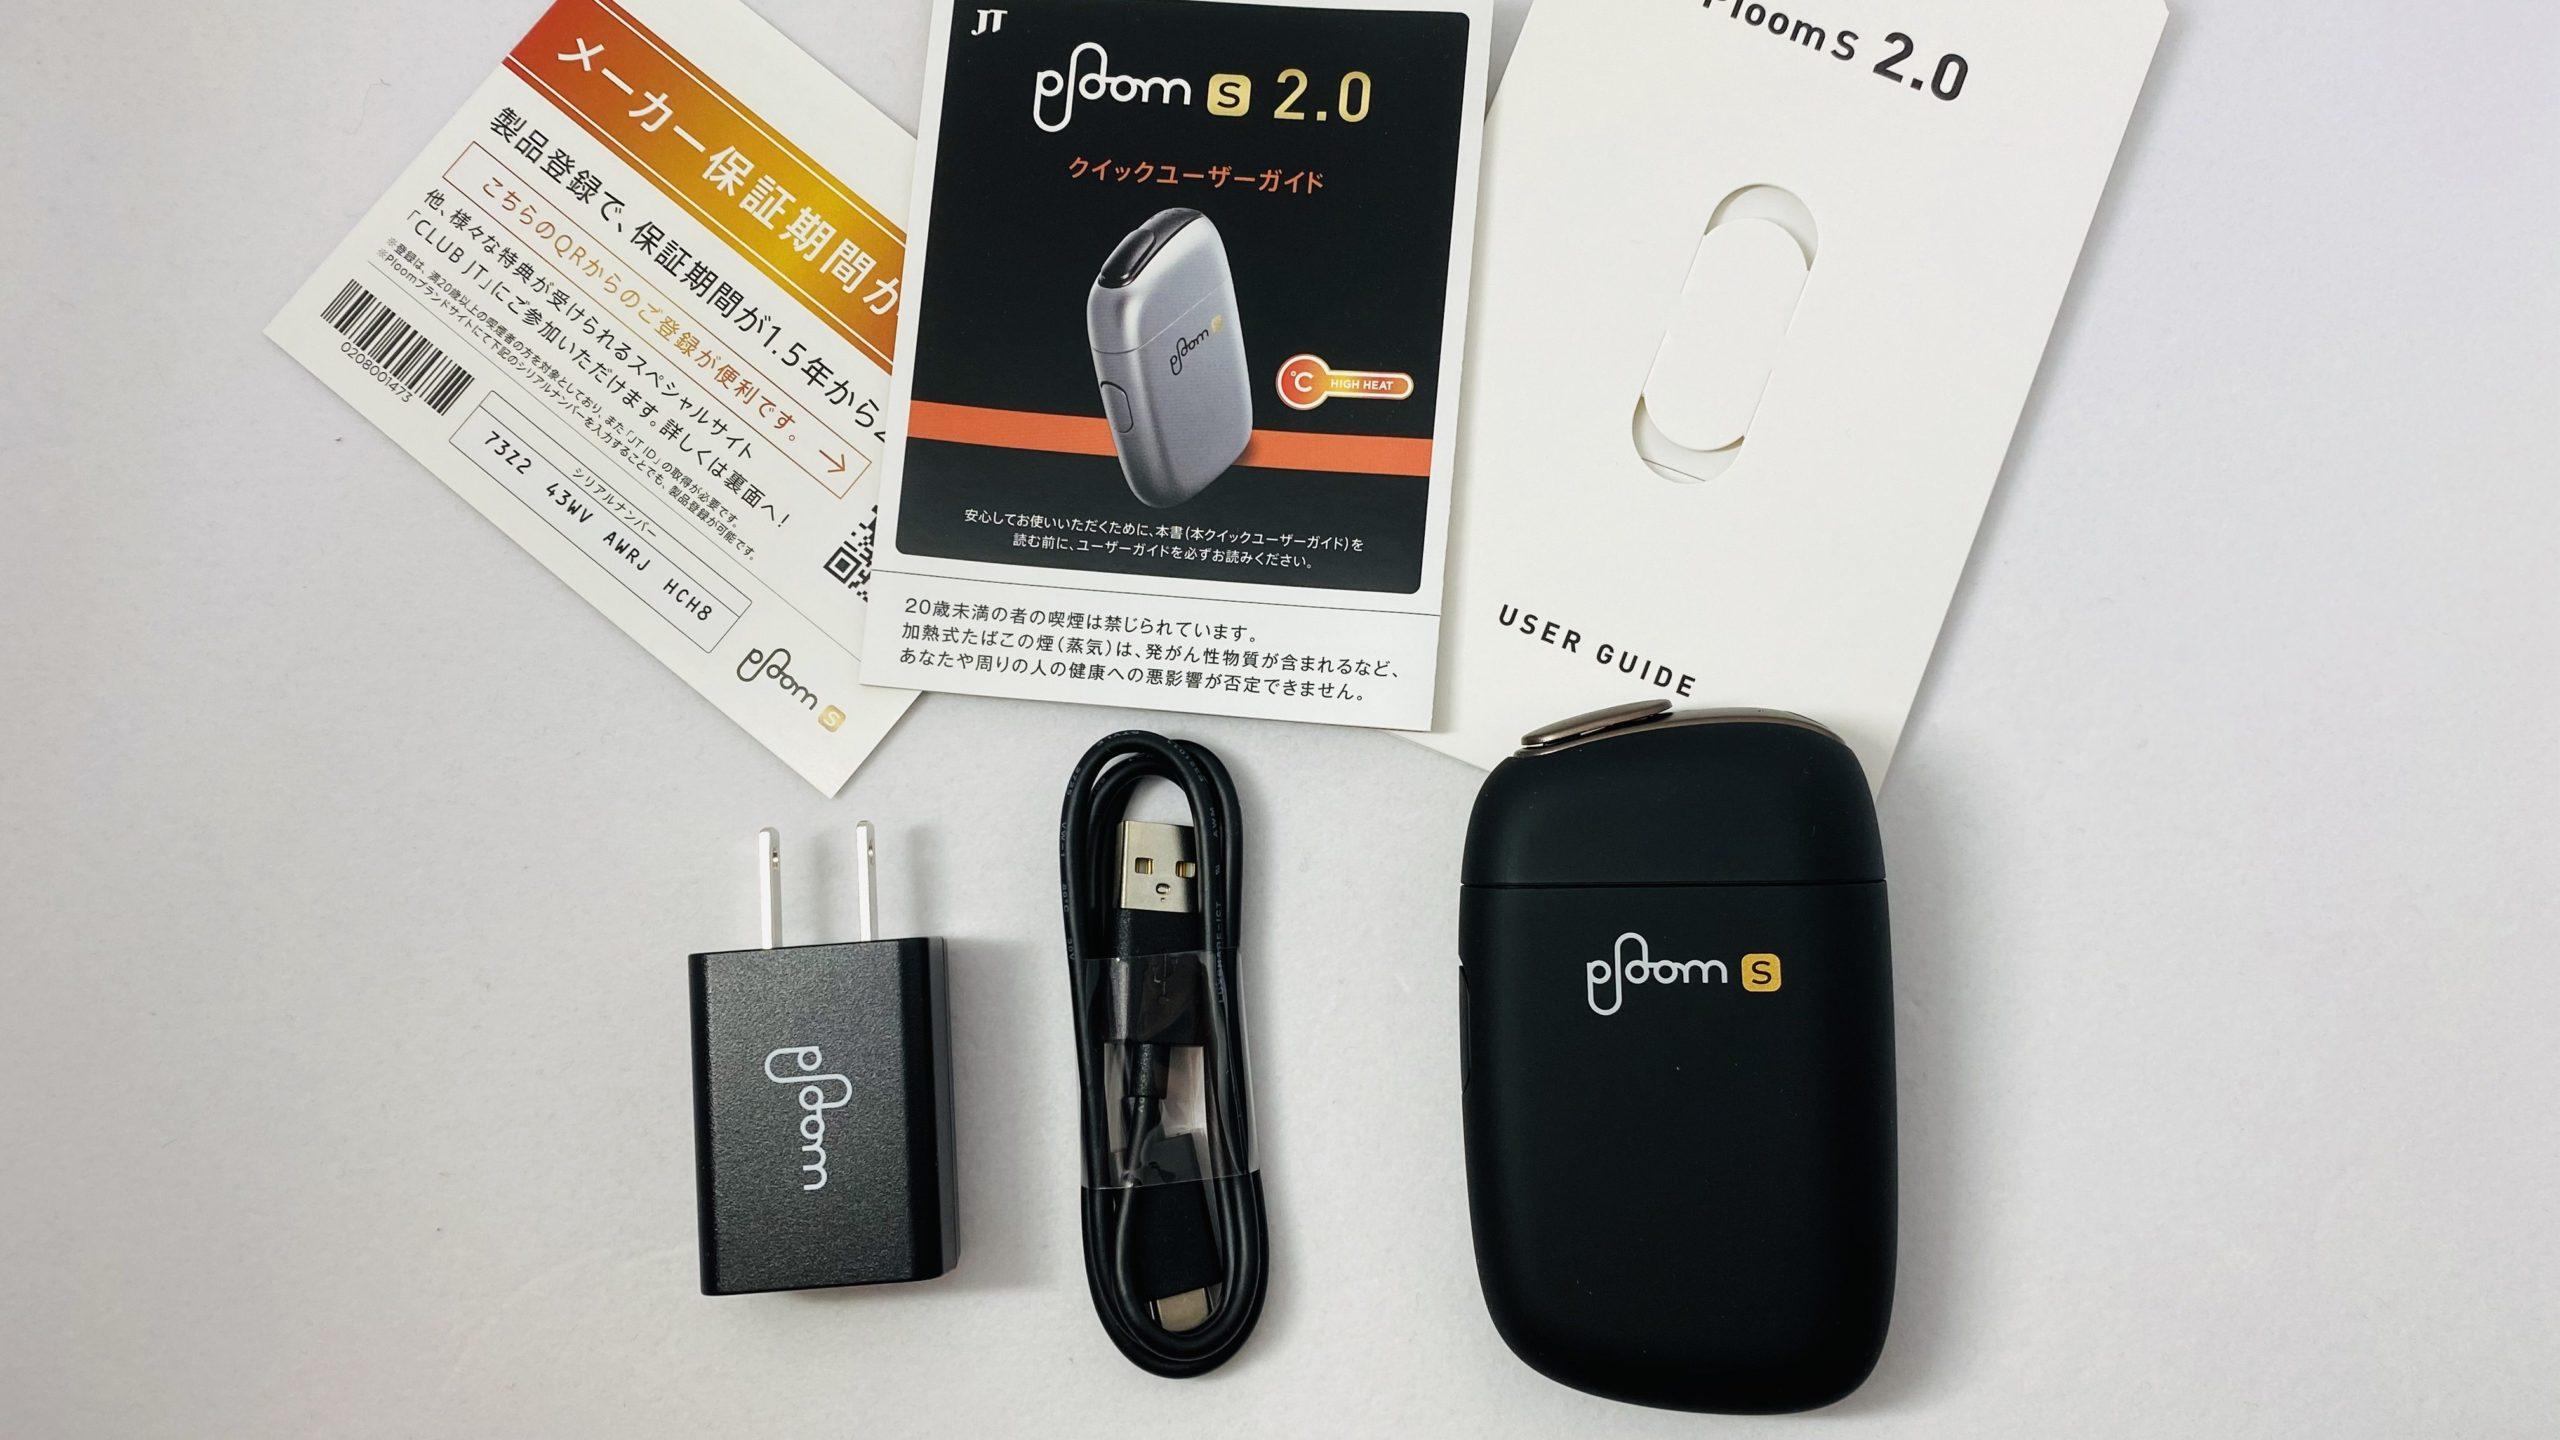 Ploom S 2.0スターターキッドに同梱されているもの